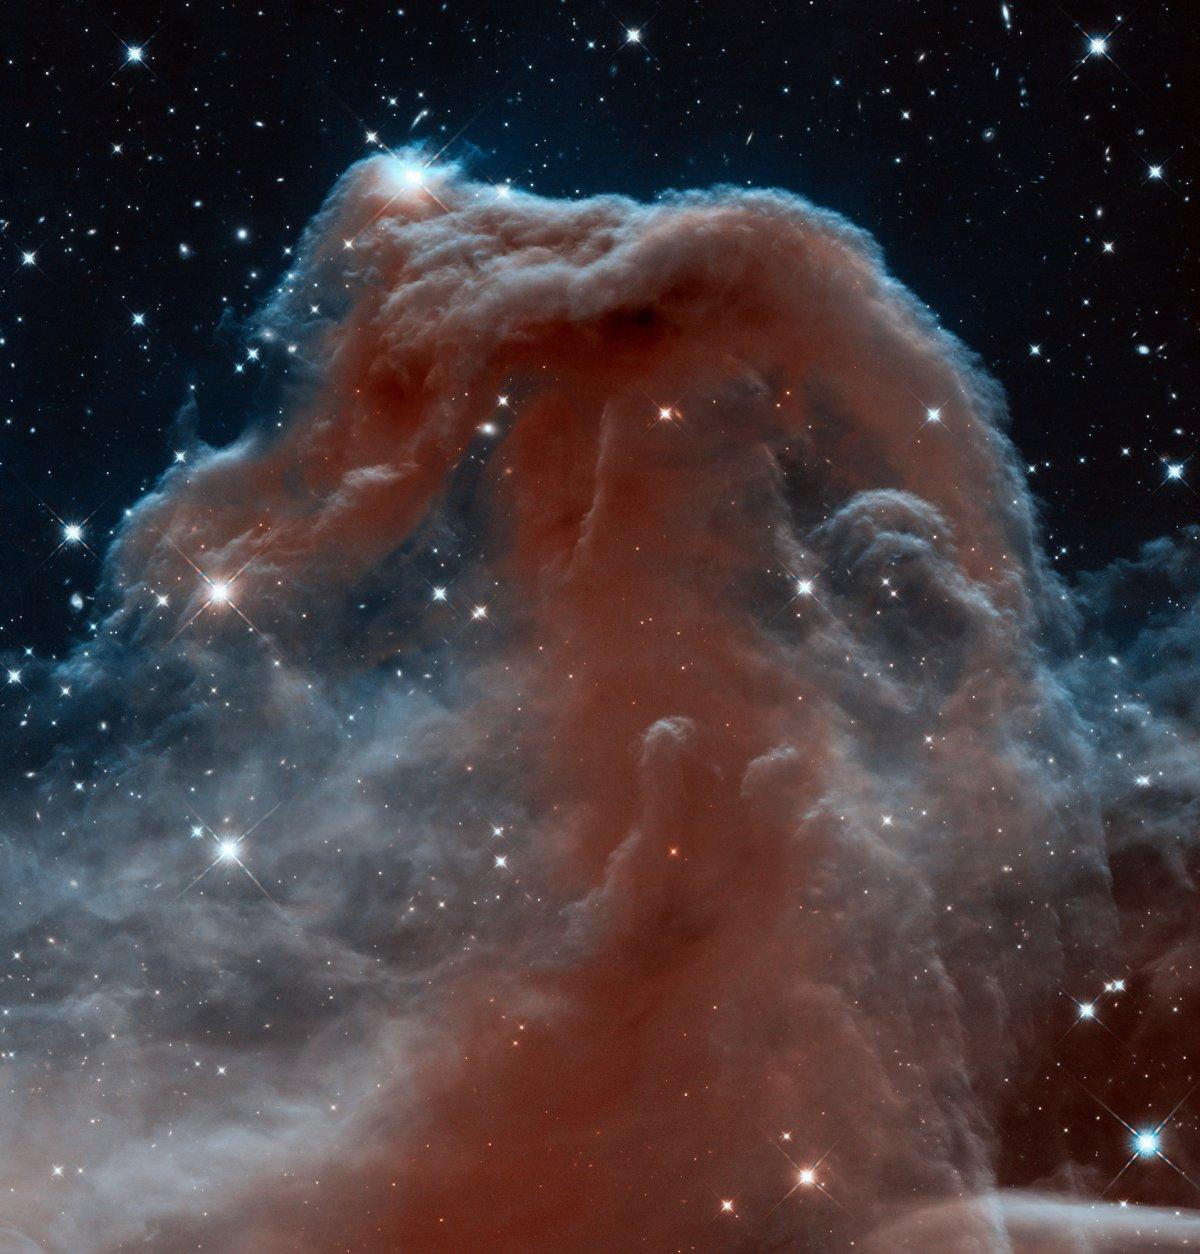 27 fotos deslumbrantes do nosso universo 20